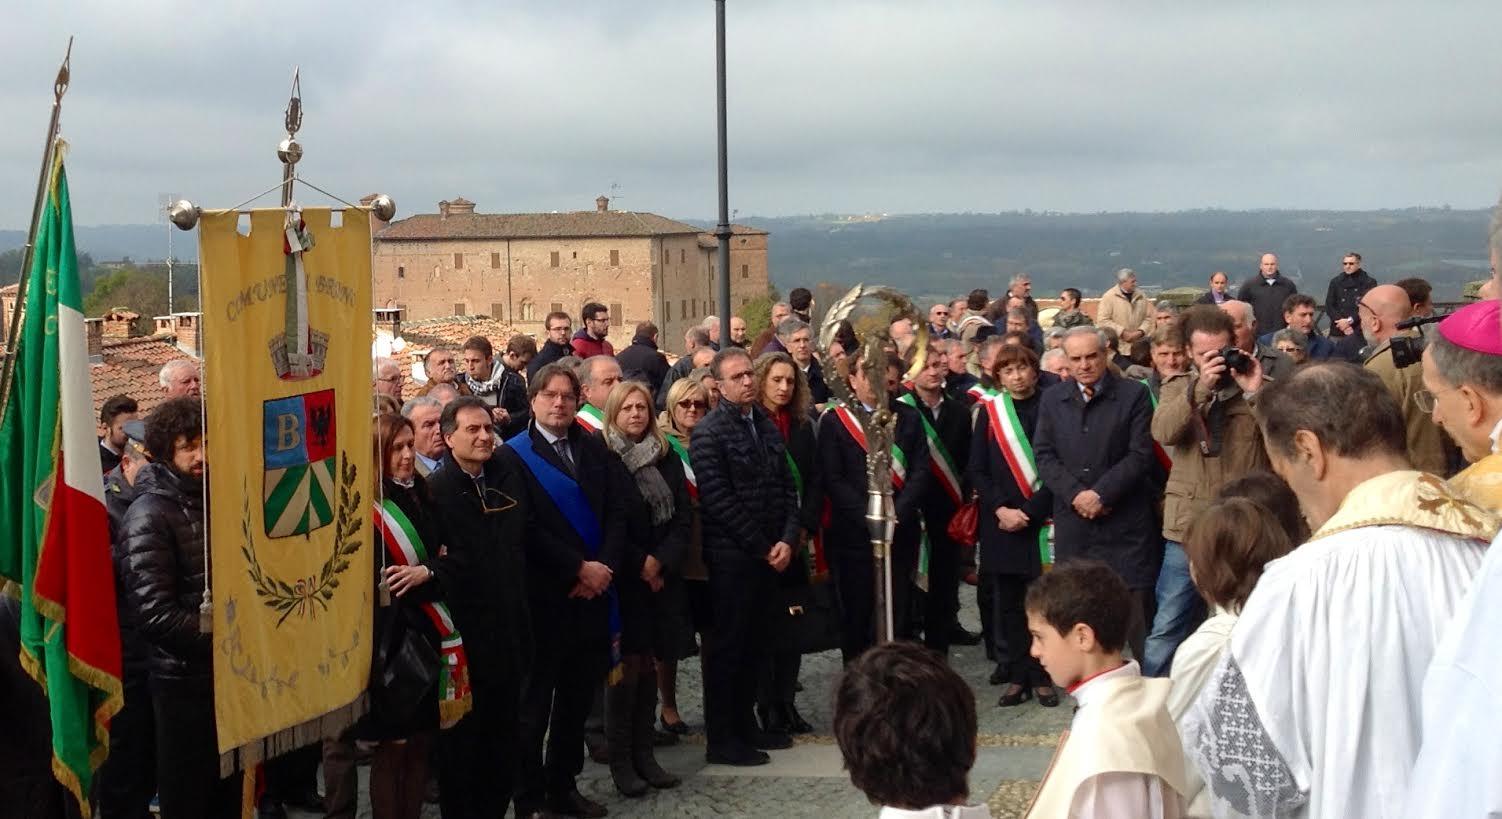 La Giornata provinciale del Ringraziamento di Coldiretti a Bruno d'Asti